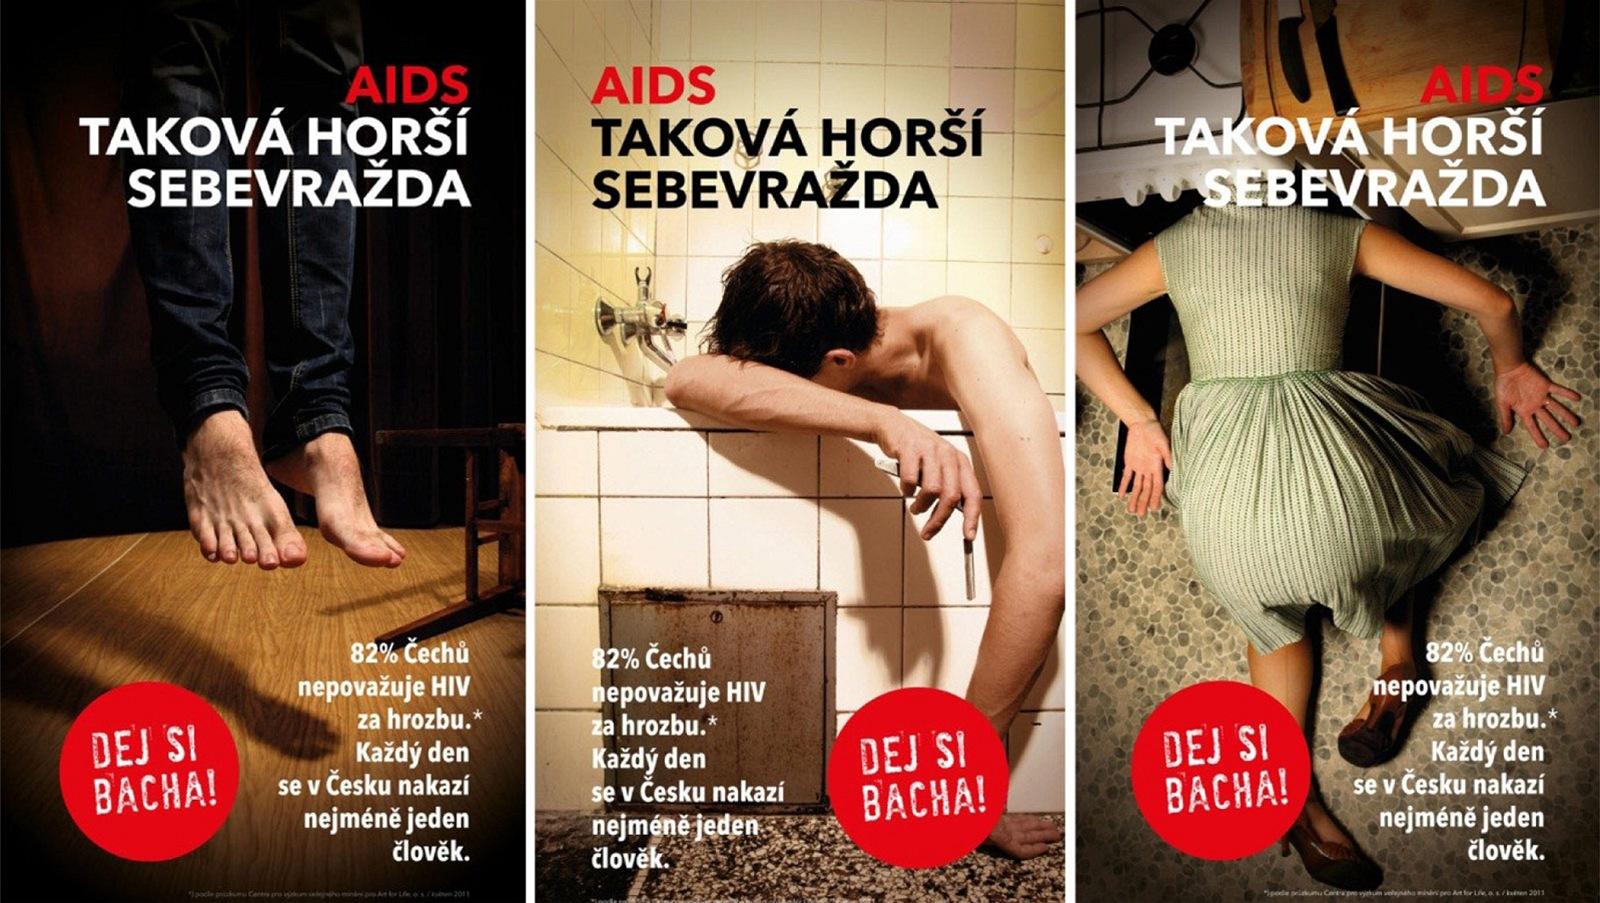 kampaň, upozorňující na rizika, spjatá s AIDS